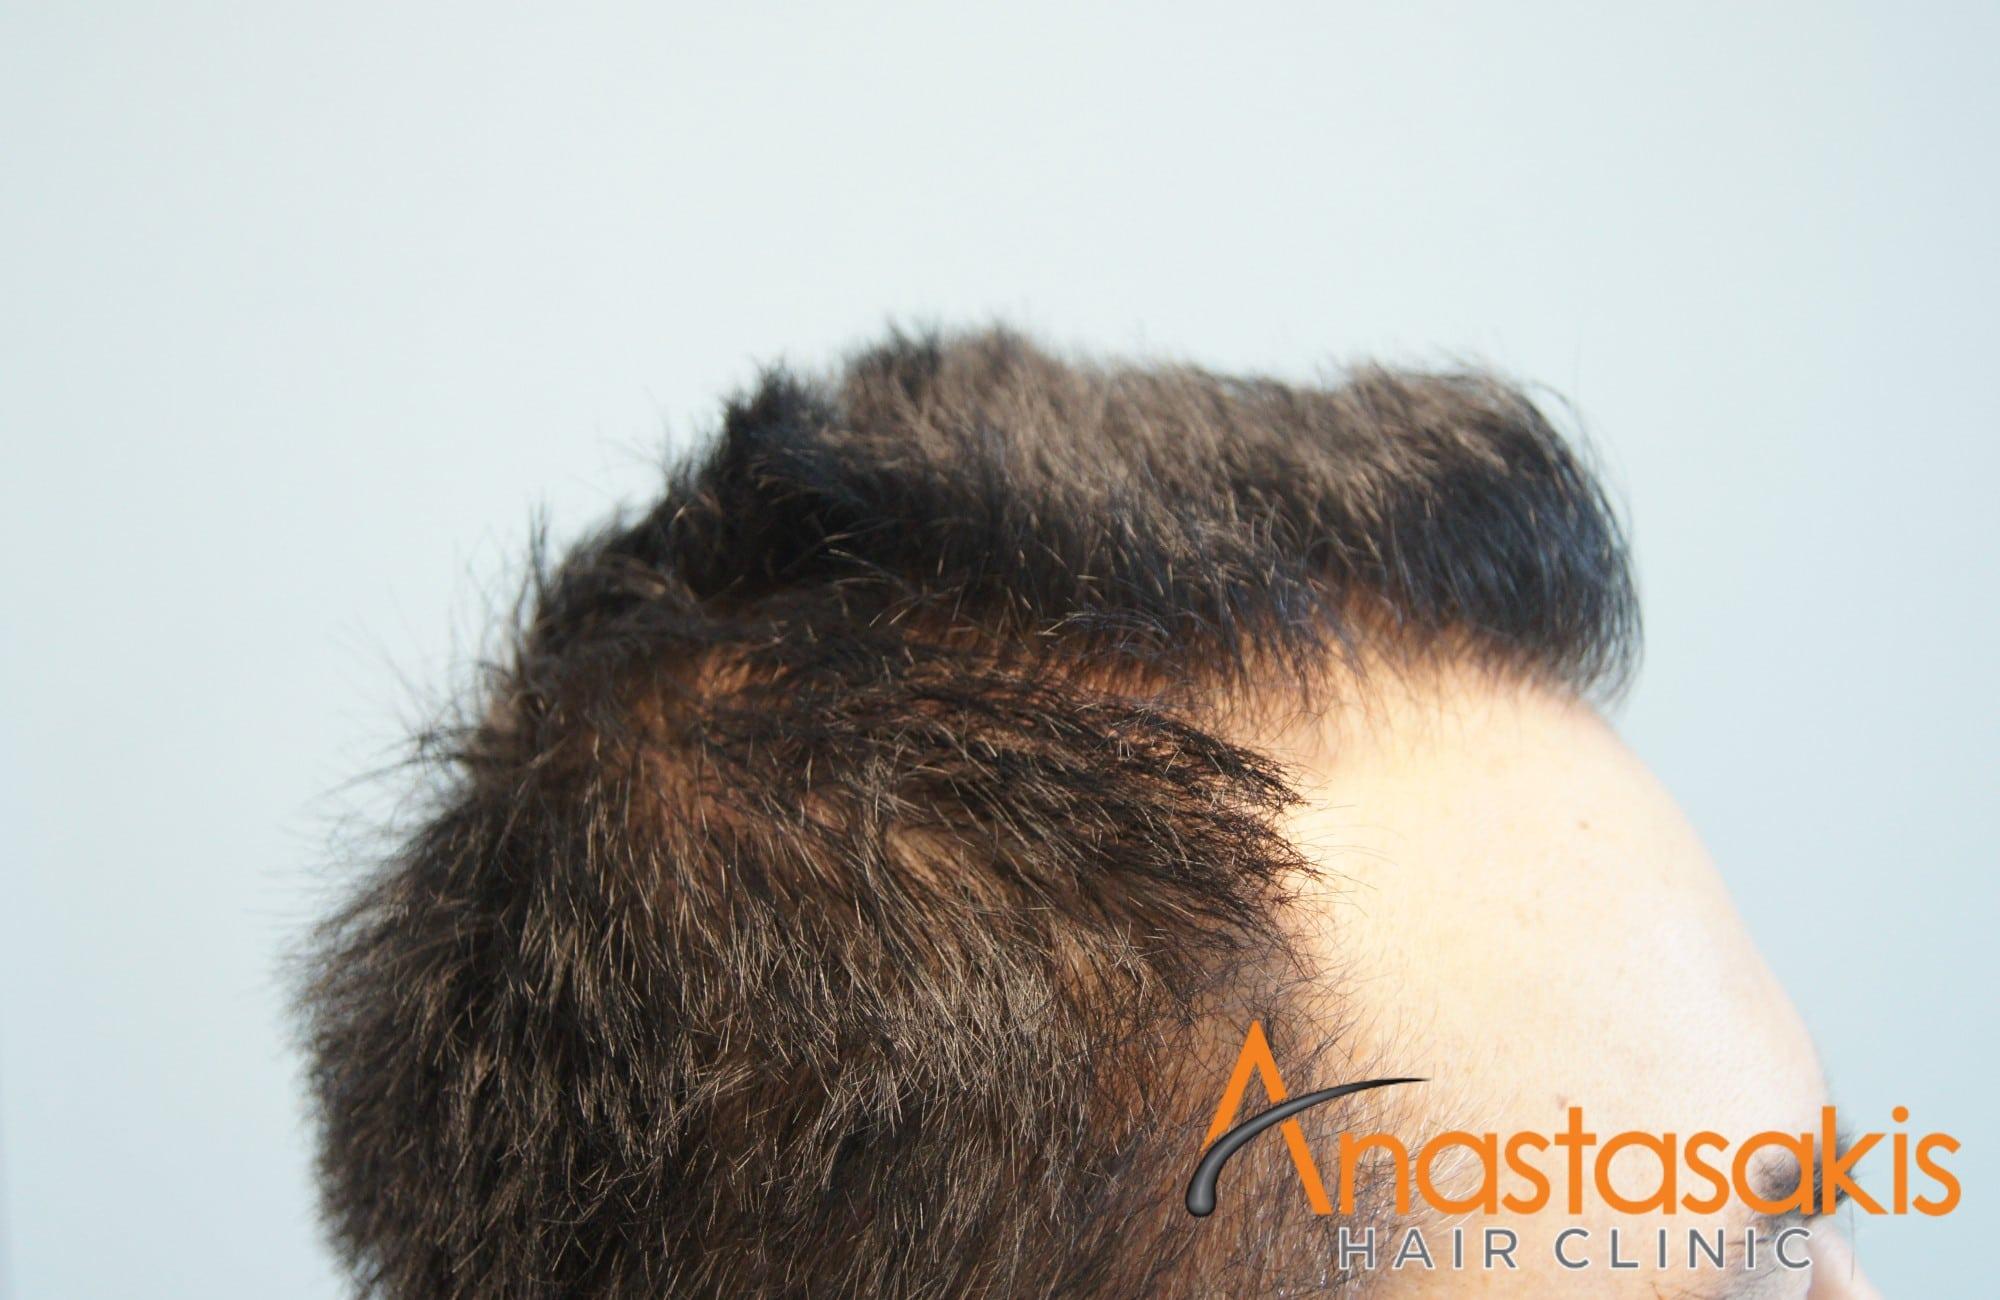 ασθενης πριν τη μεταμοσχευση μαλλιων με 1540fus αριστερο 1 προφιλ